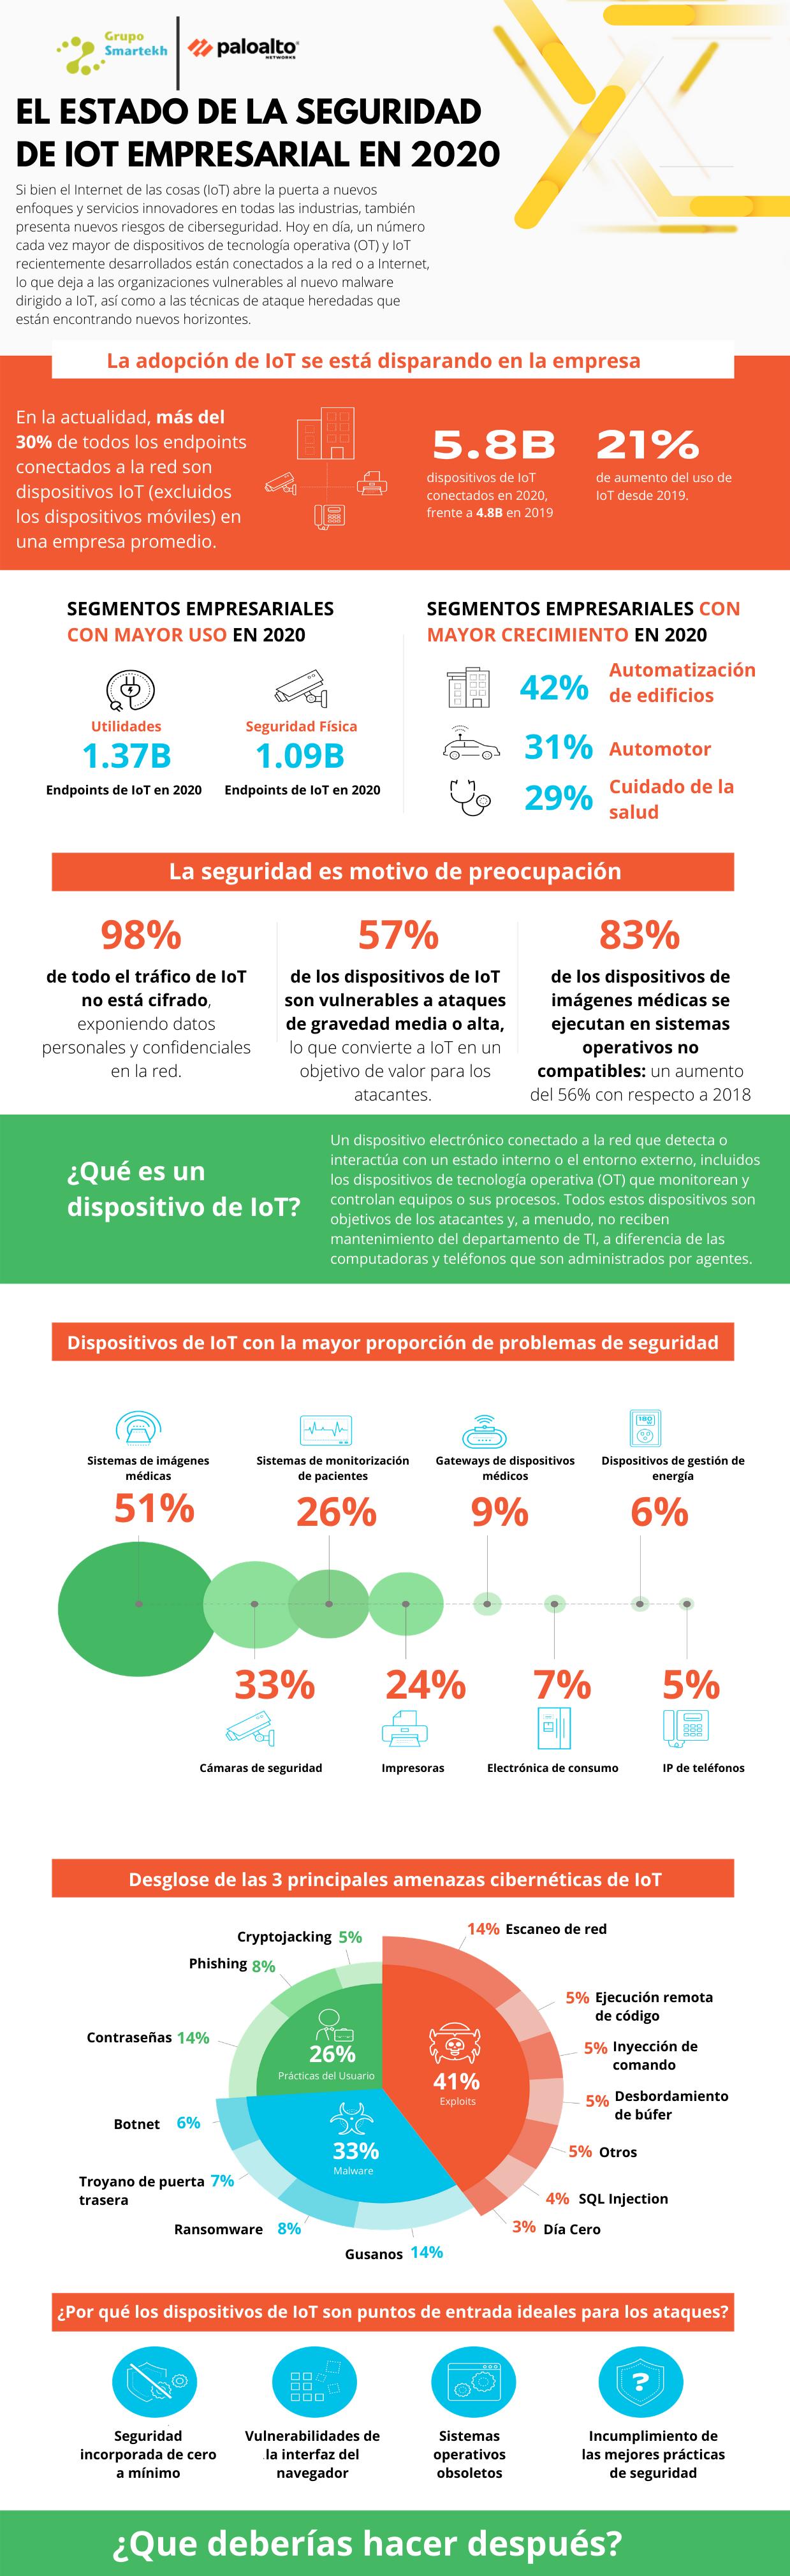 El estado de la seguridad de IoT empresarial en 2020